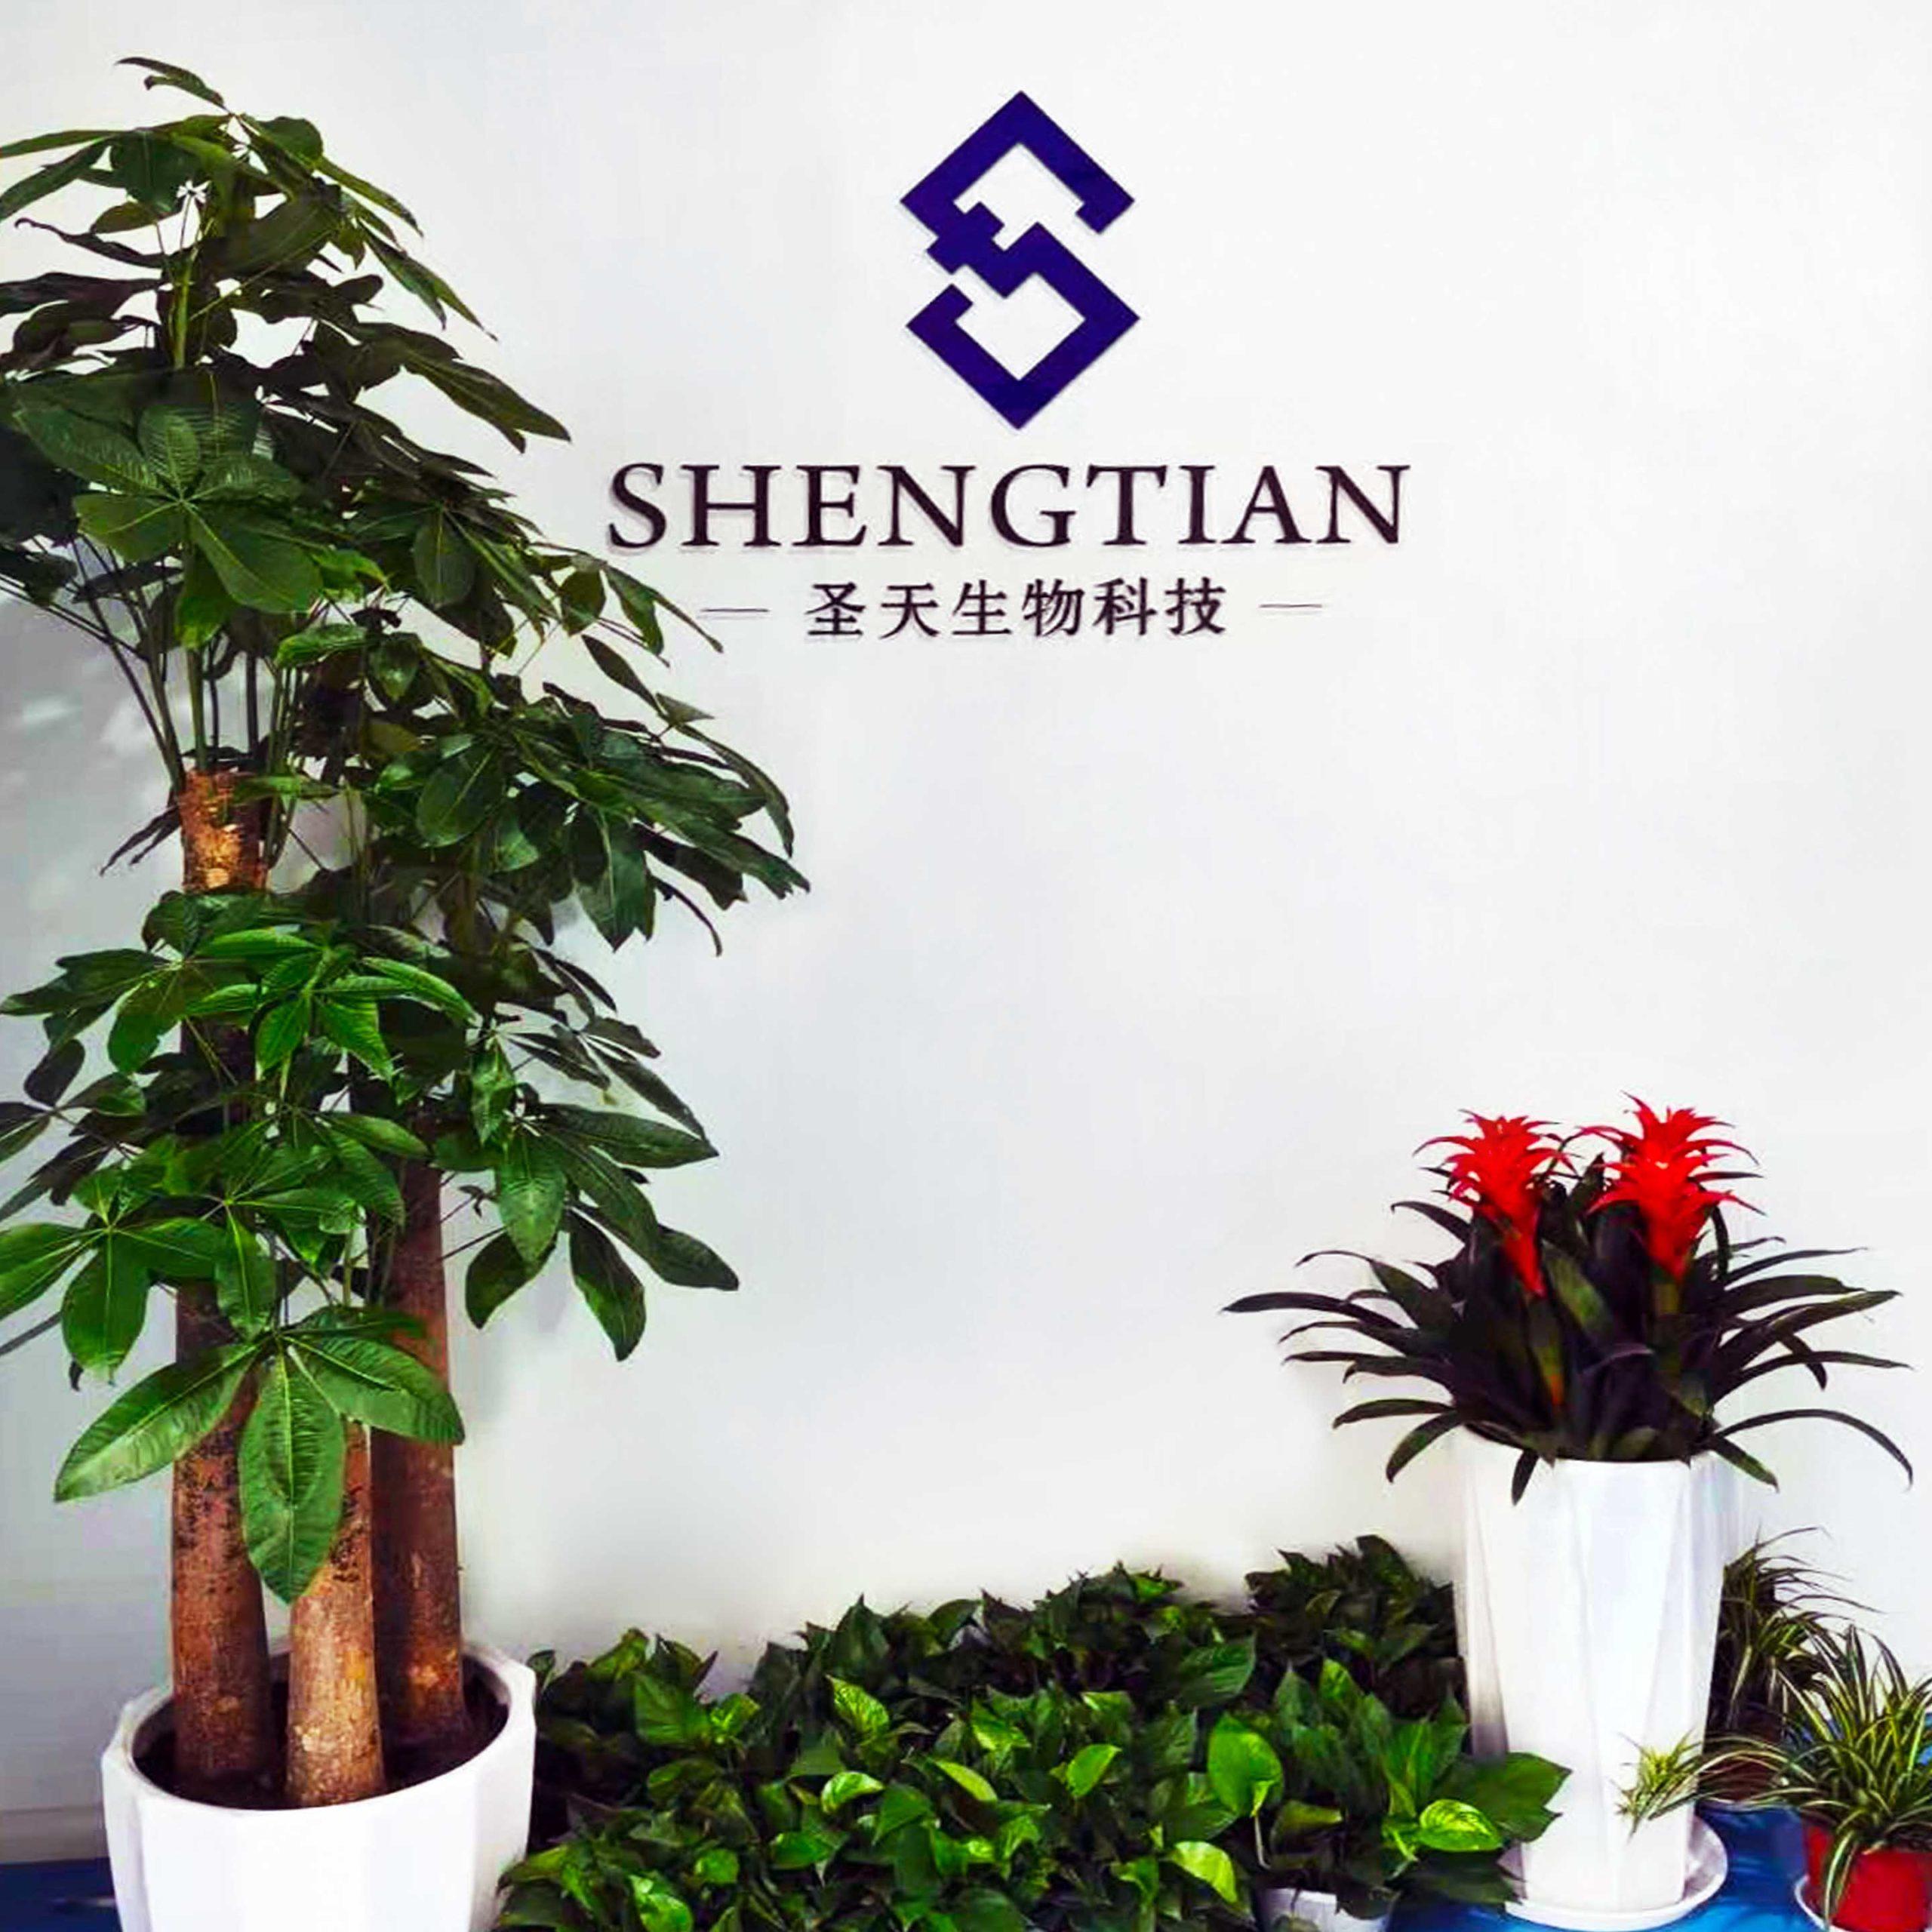 Suzhou Shengtian Biological Technology Co., Ltd.